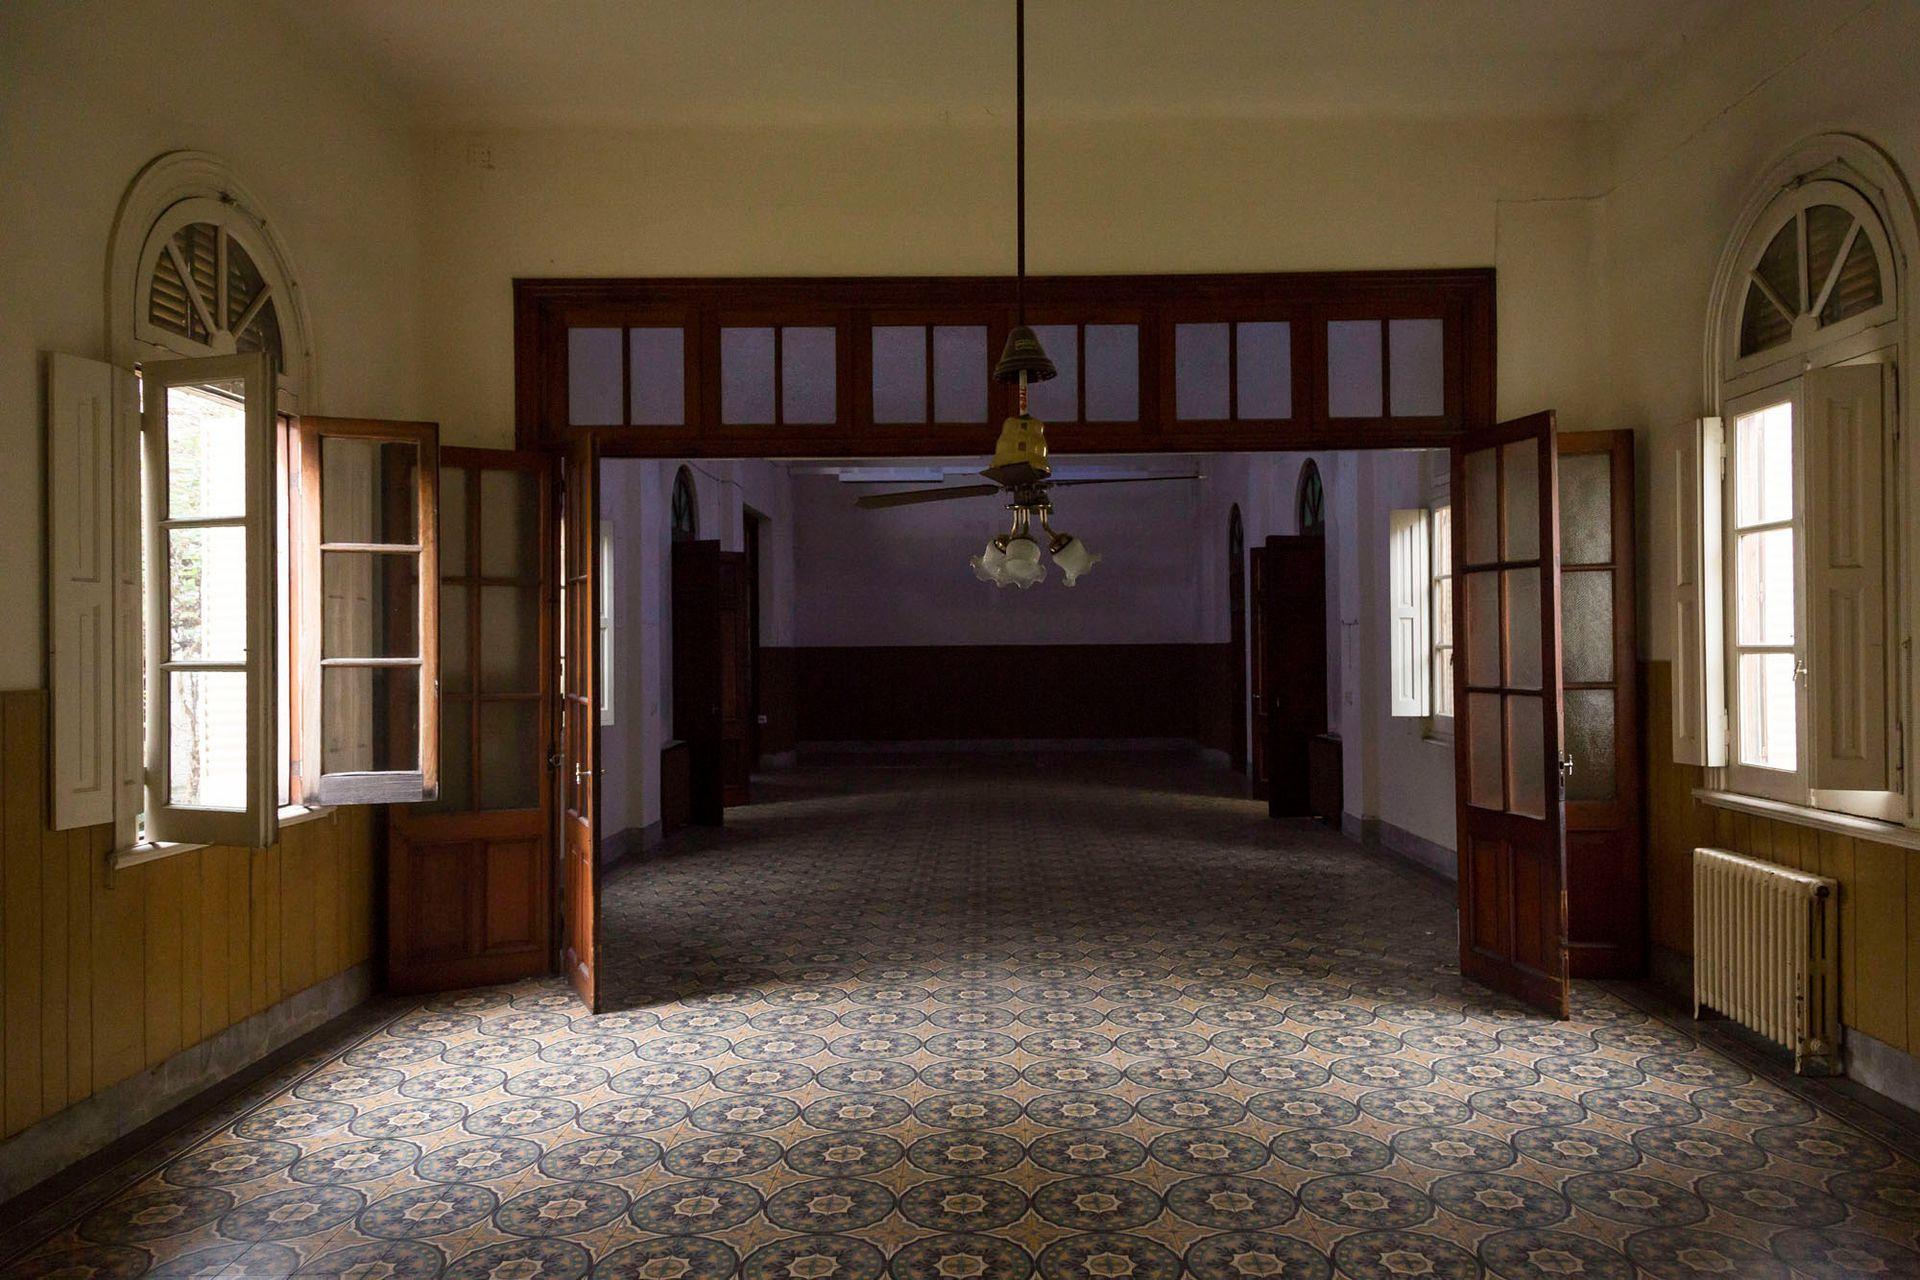 El convento tiene grandes salones